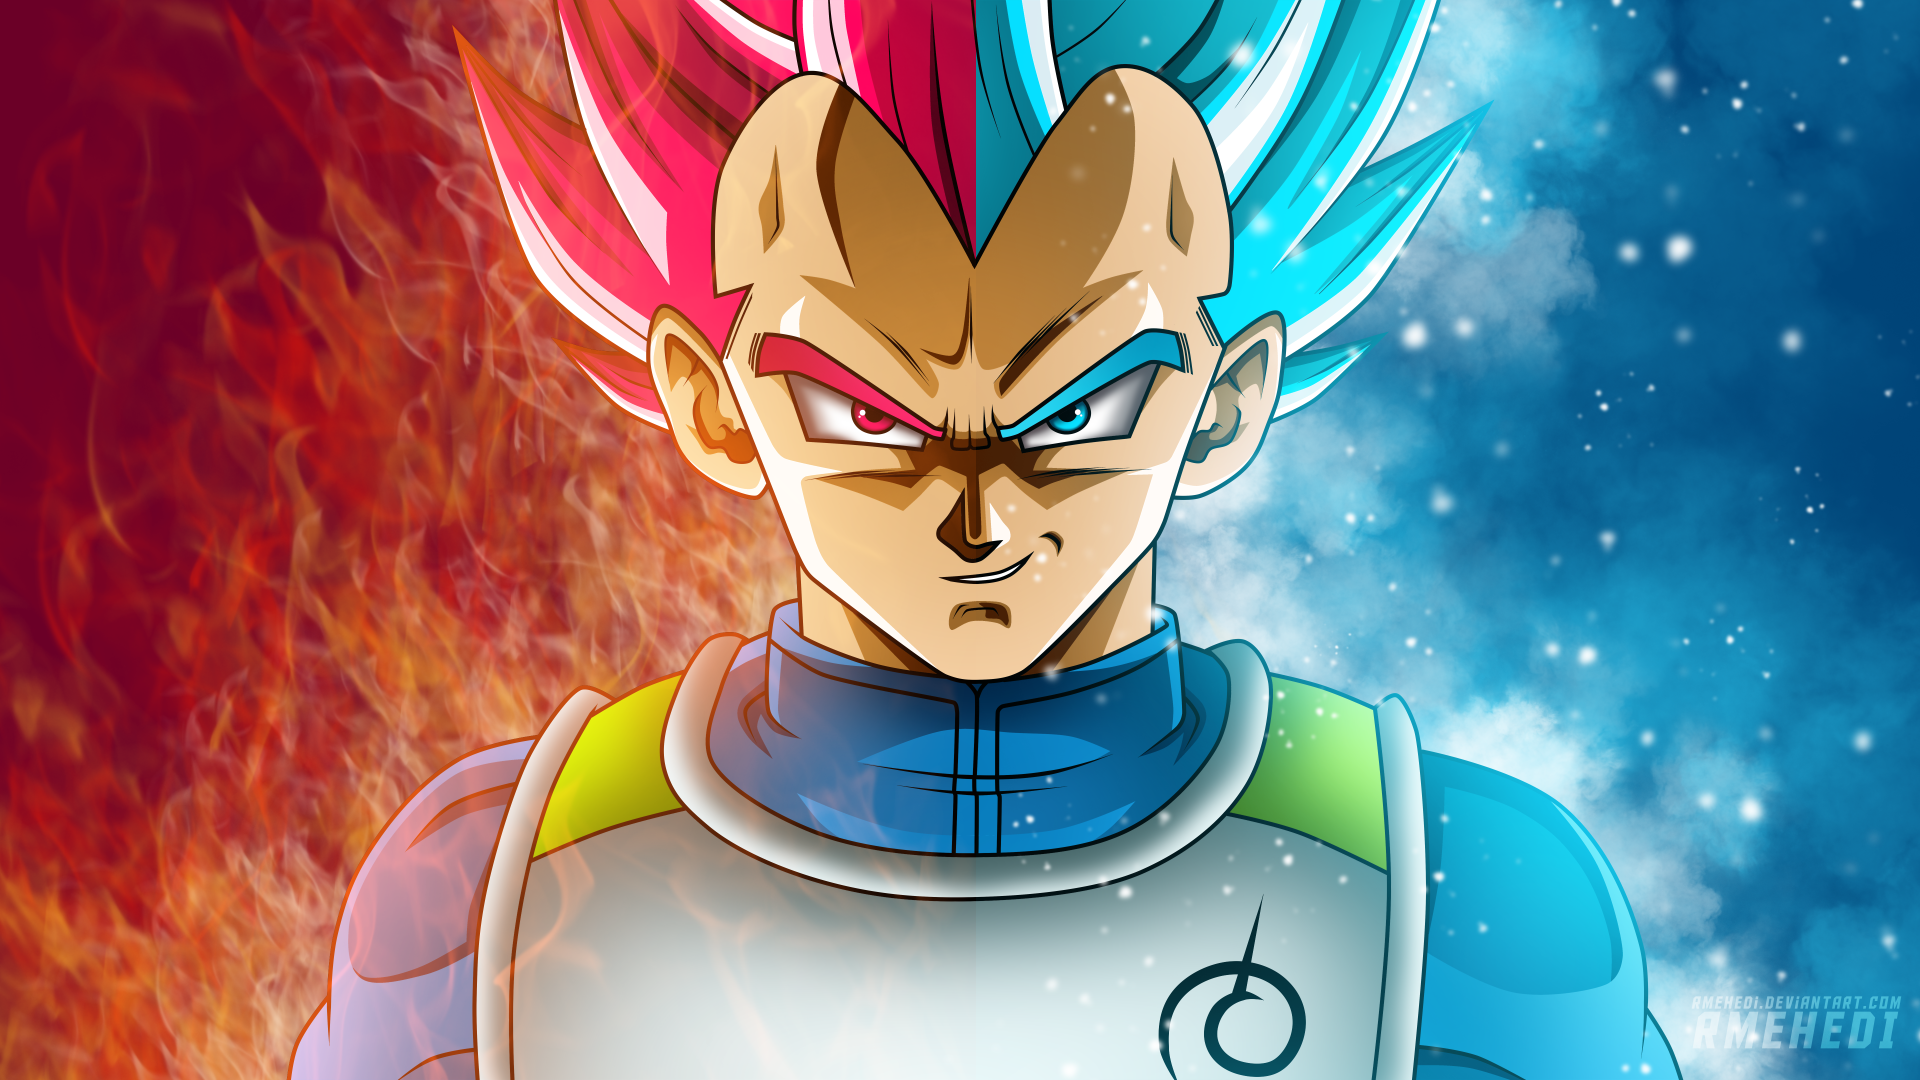 Anime Dragon Ball Super Vegeta (Dragon Ball) Fondo de